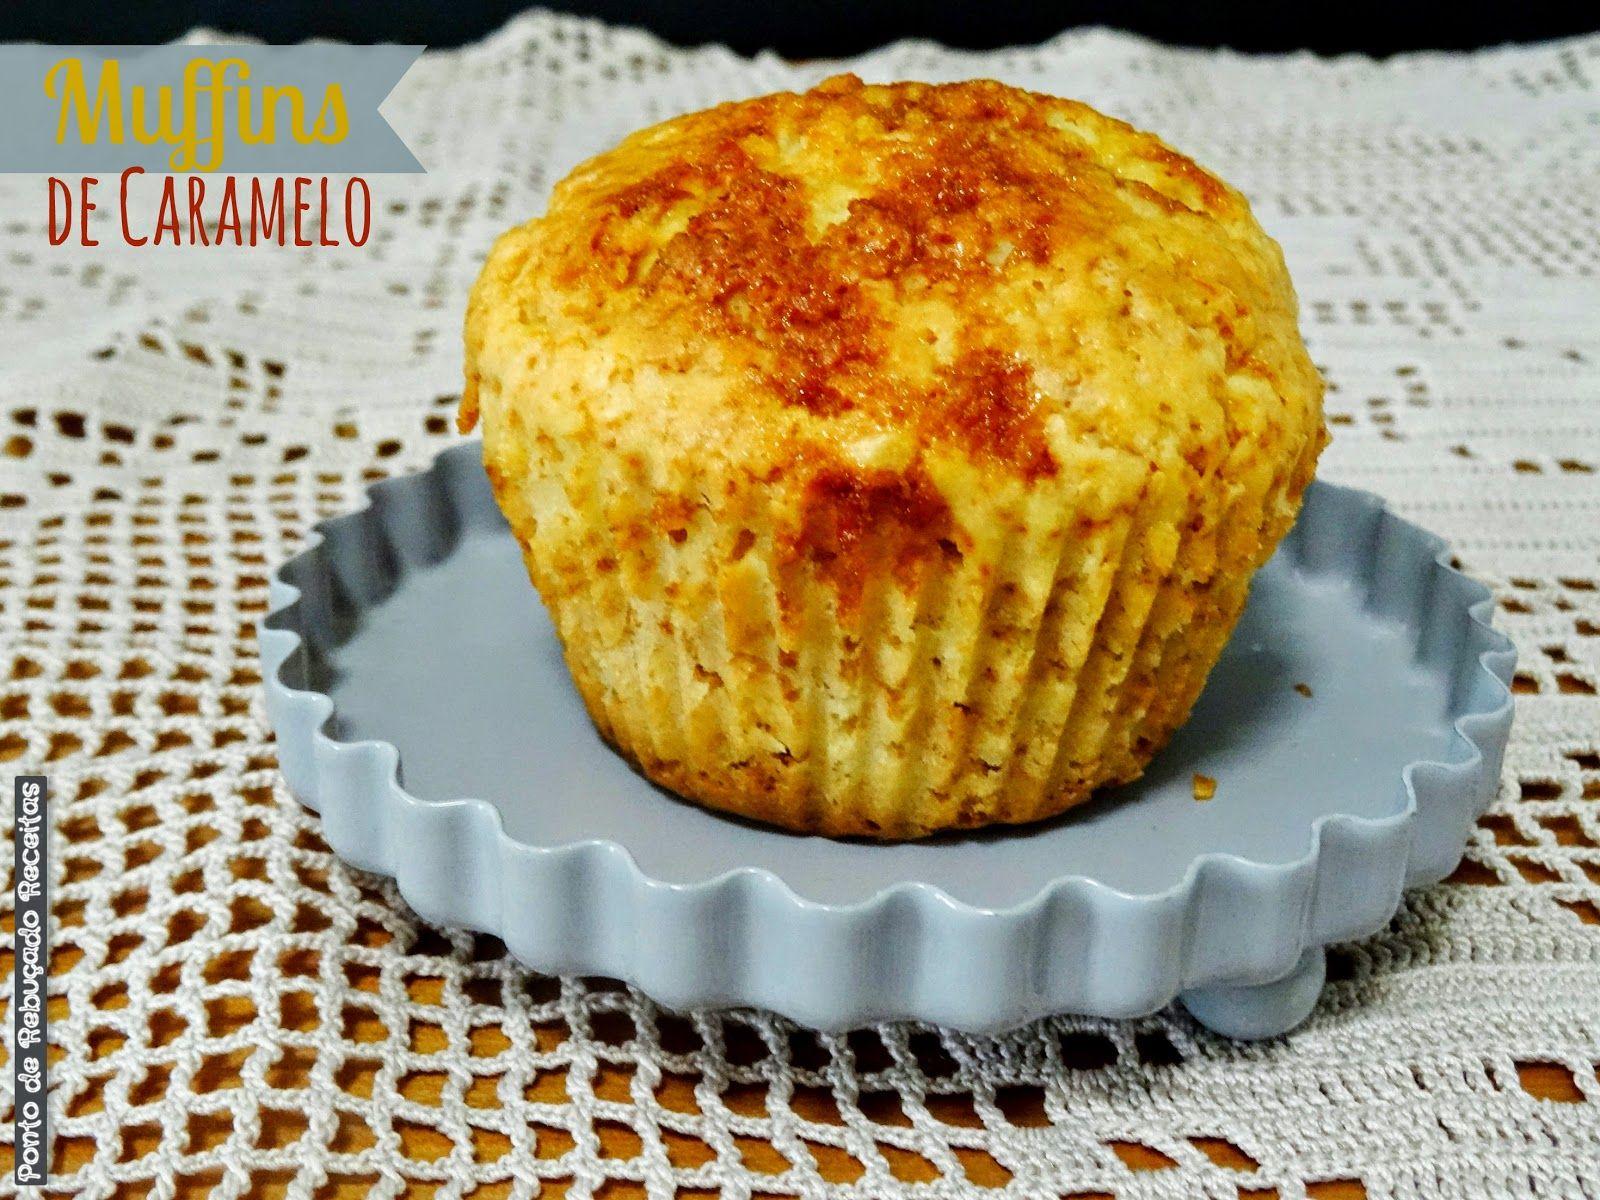 Muffins de caramelo